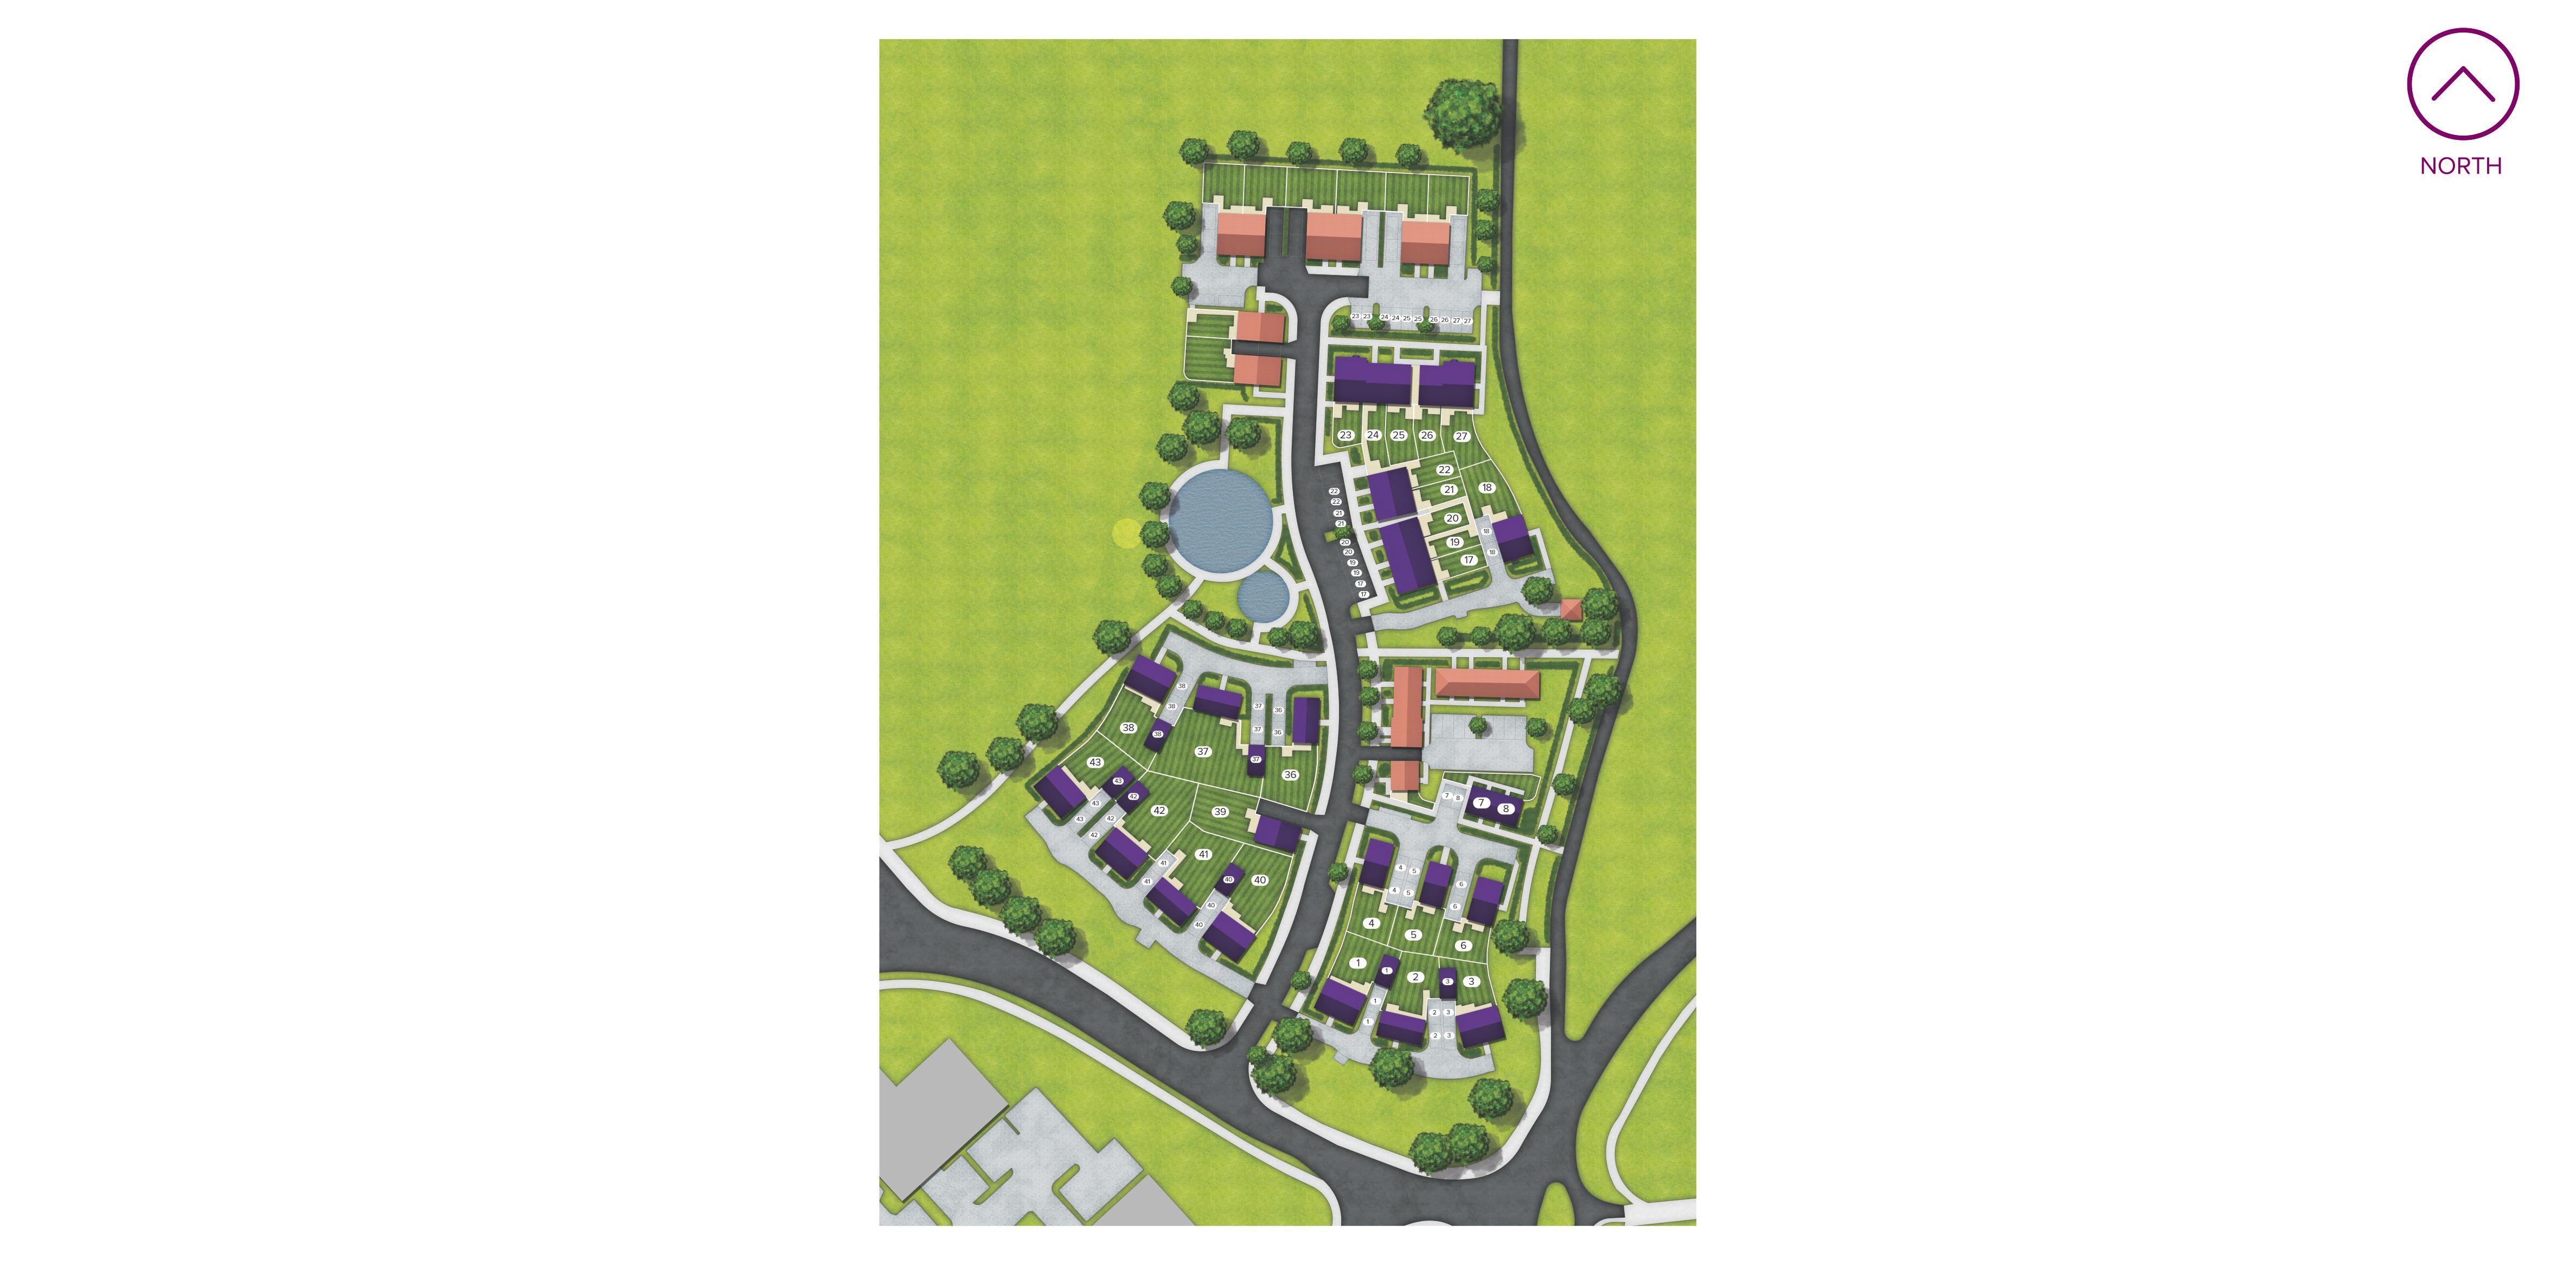 Monkton Place site map